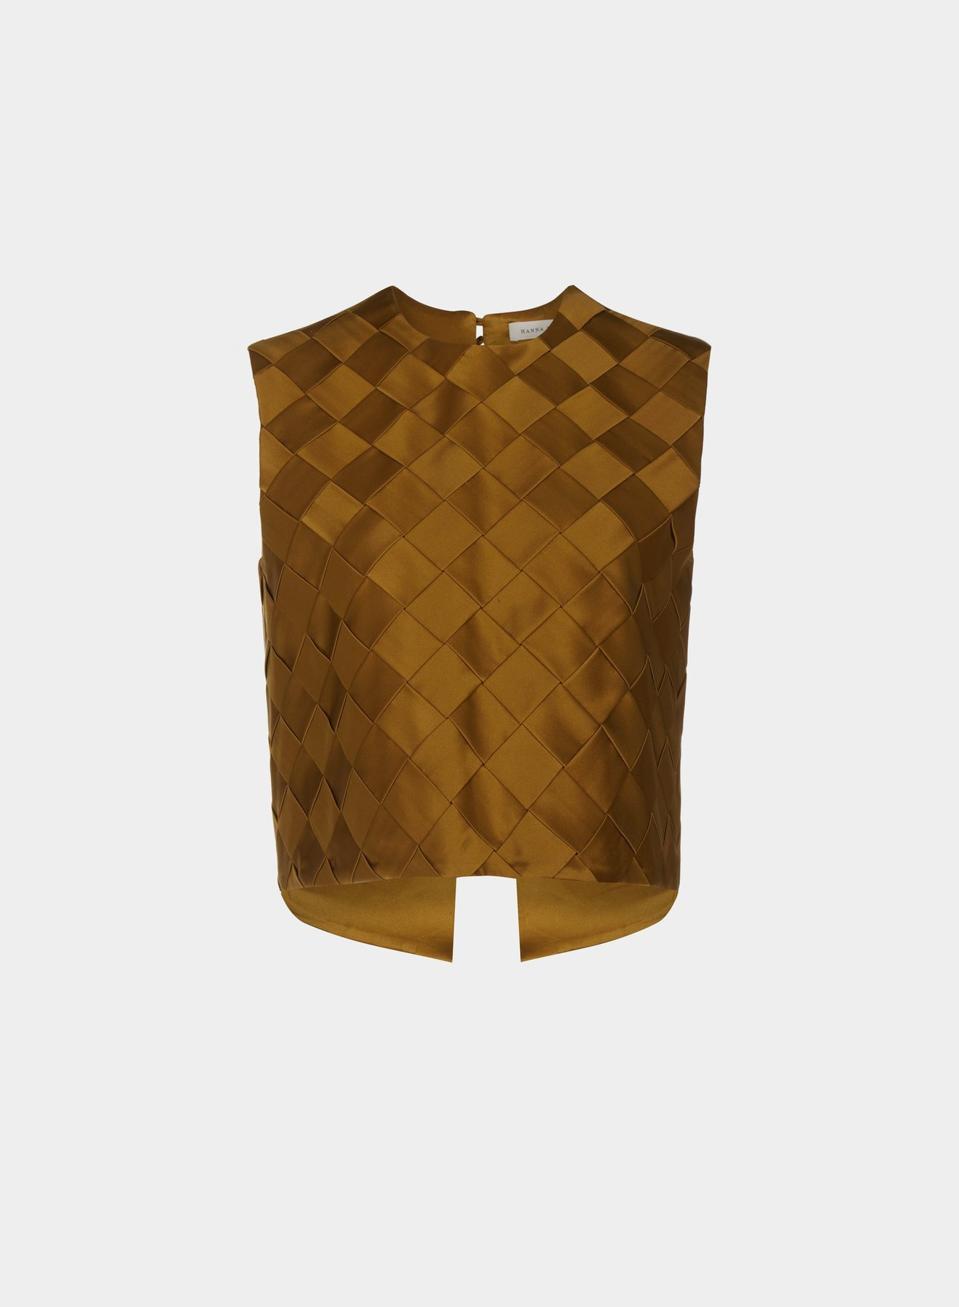 Silk woven Leo top by HANNAH FIELDER